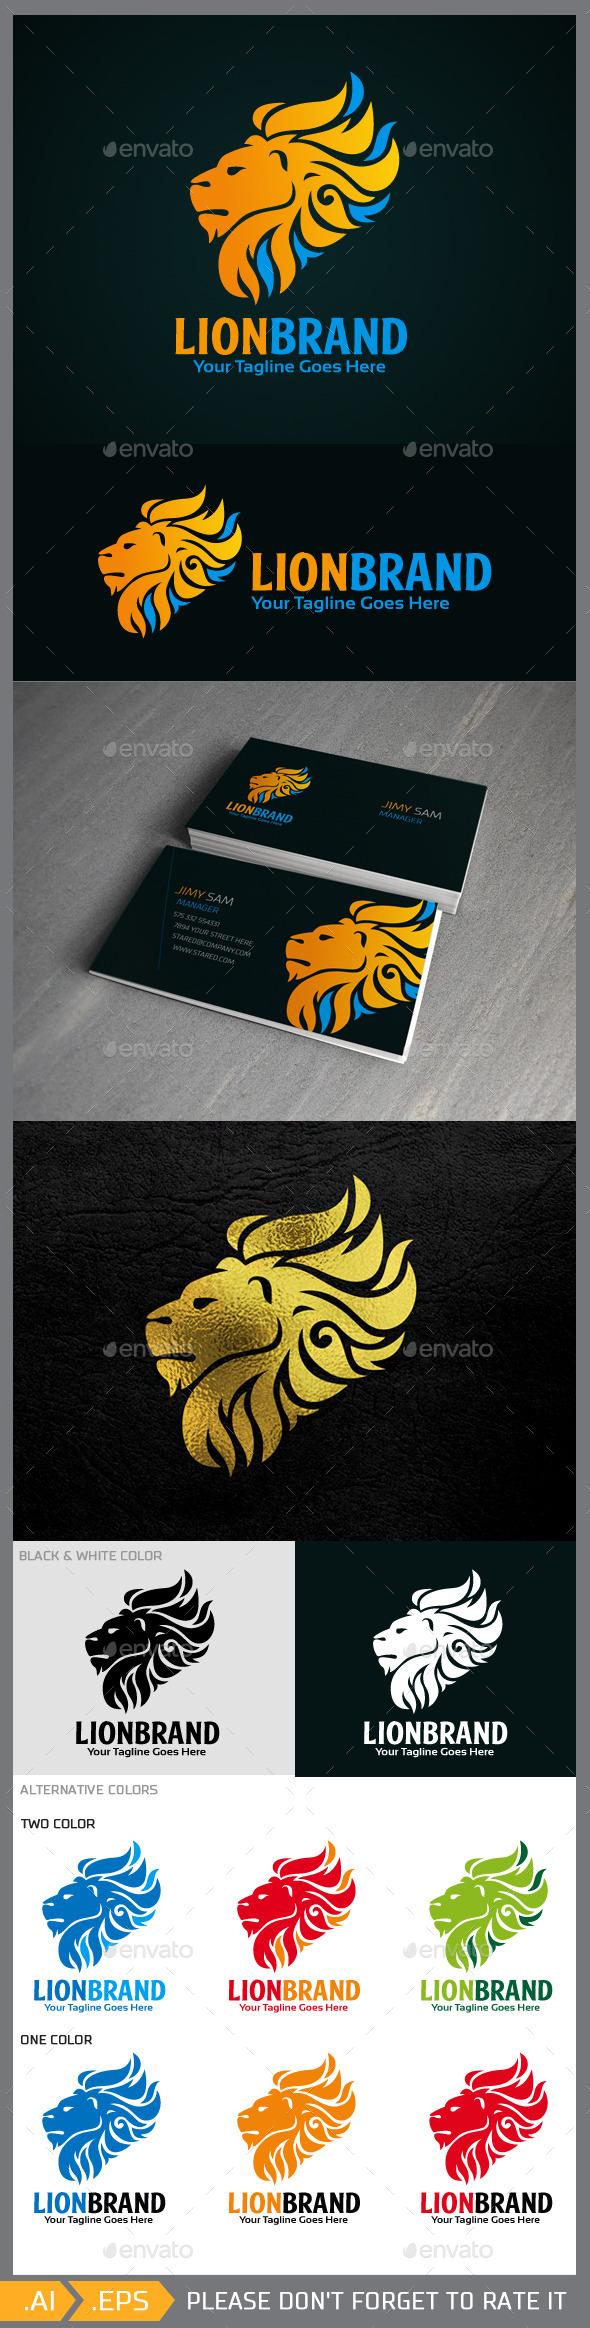 GraphicRiver Lionbrand Logo Template 10227400